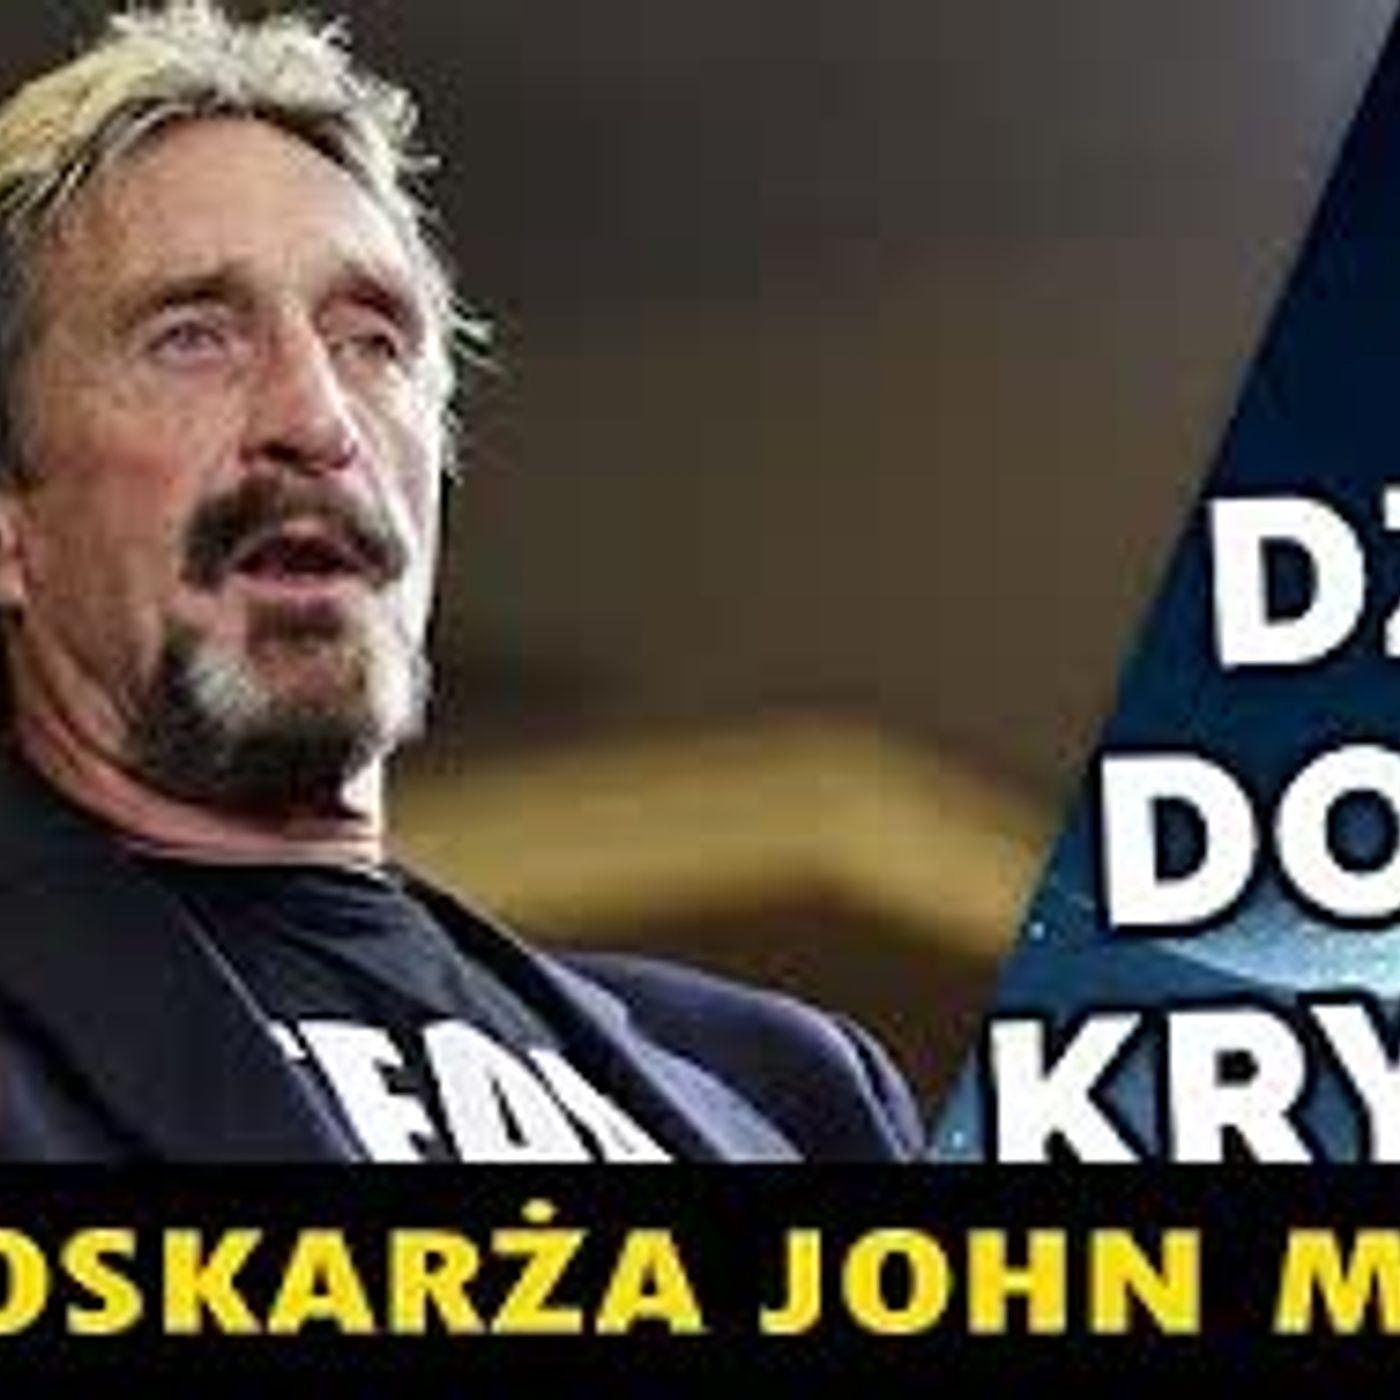 #DDK   06.10.2020   JOHN THE POMP? SUSHI PONIŻEJ $1? EUROPOL - SAMURAI I WASABI? BLOOMBERG - BITCOIN DO $100000?